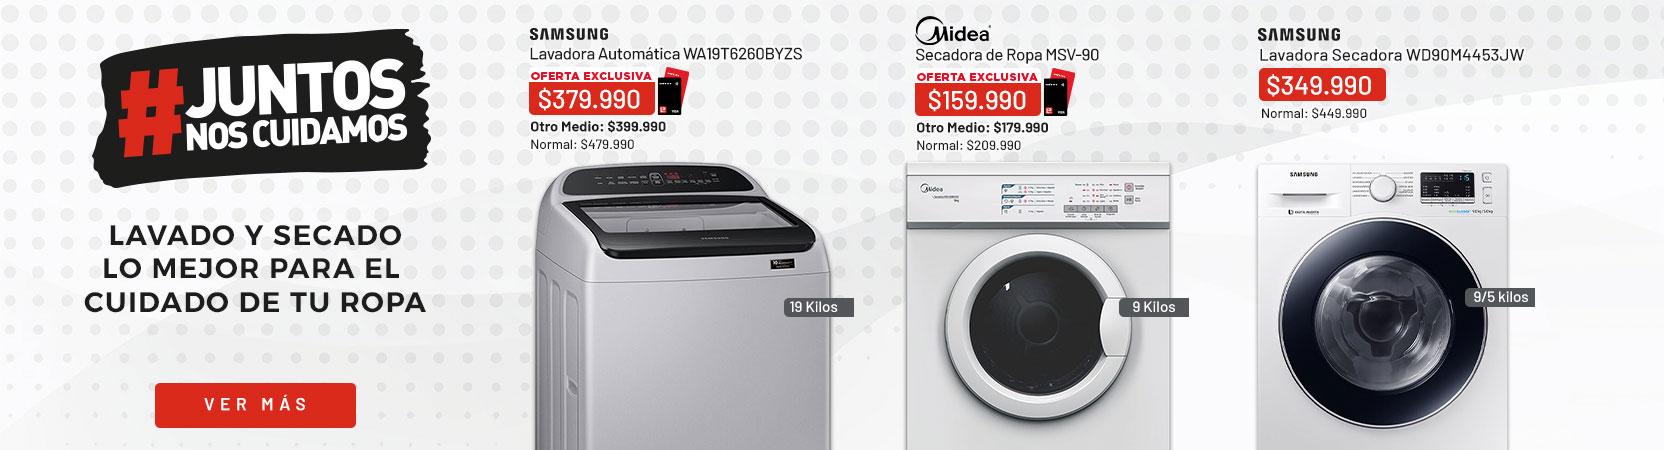 Lavado y Secado   Lo mejor para el cuidado de tu ropa